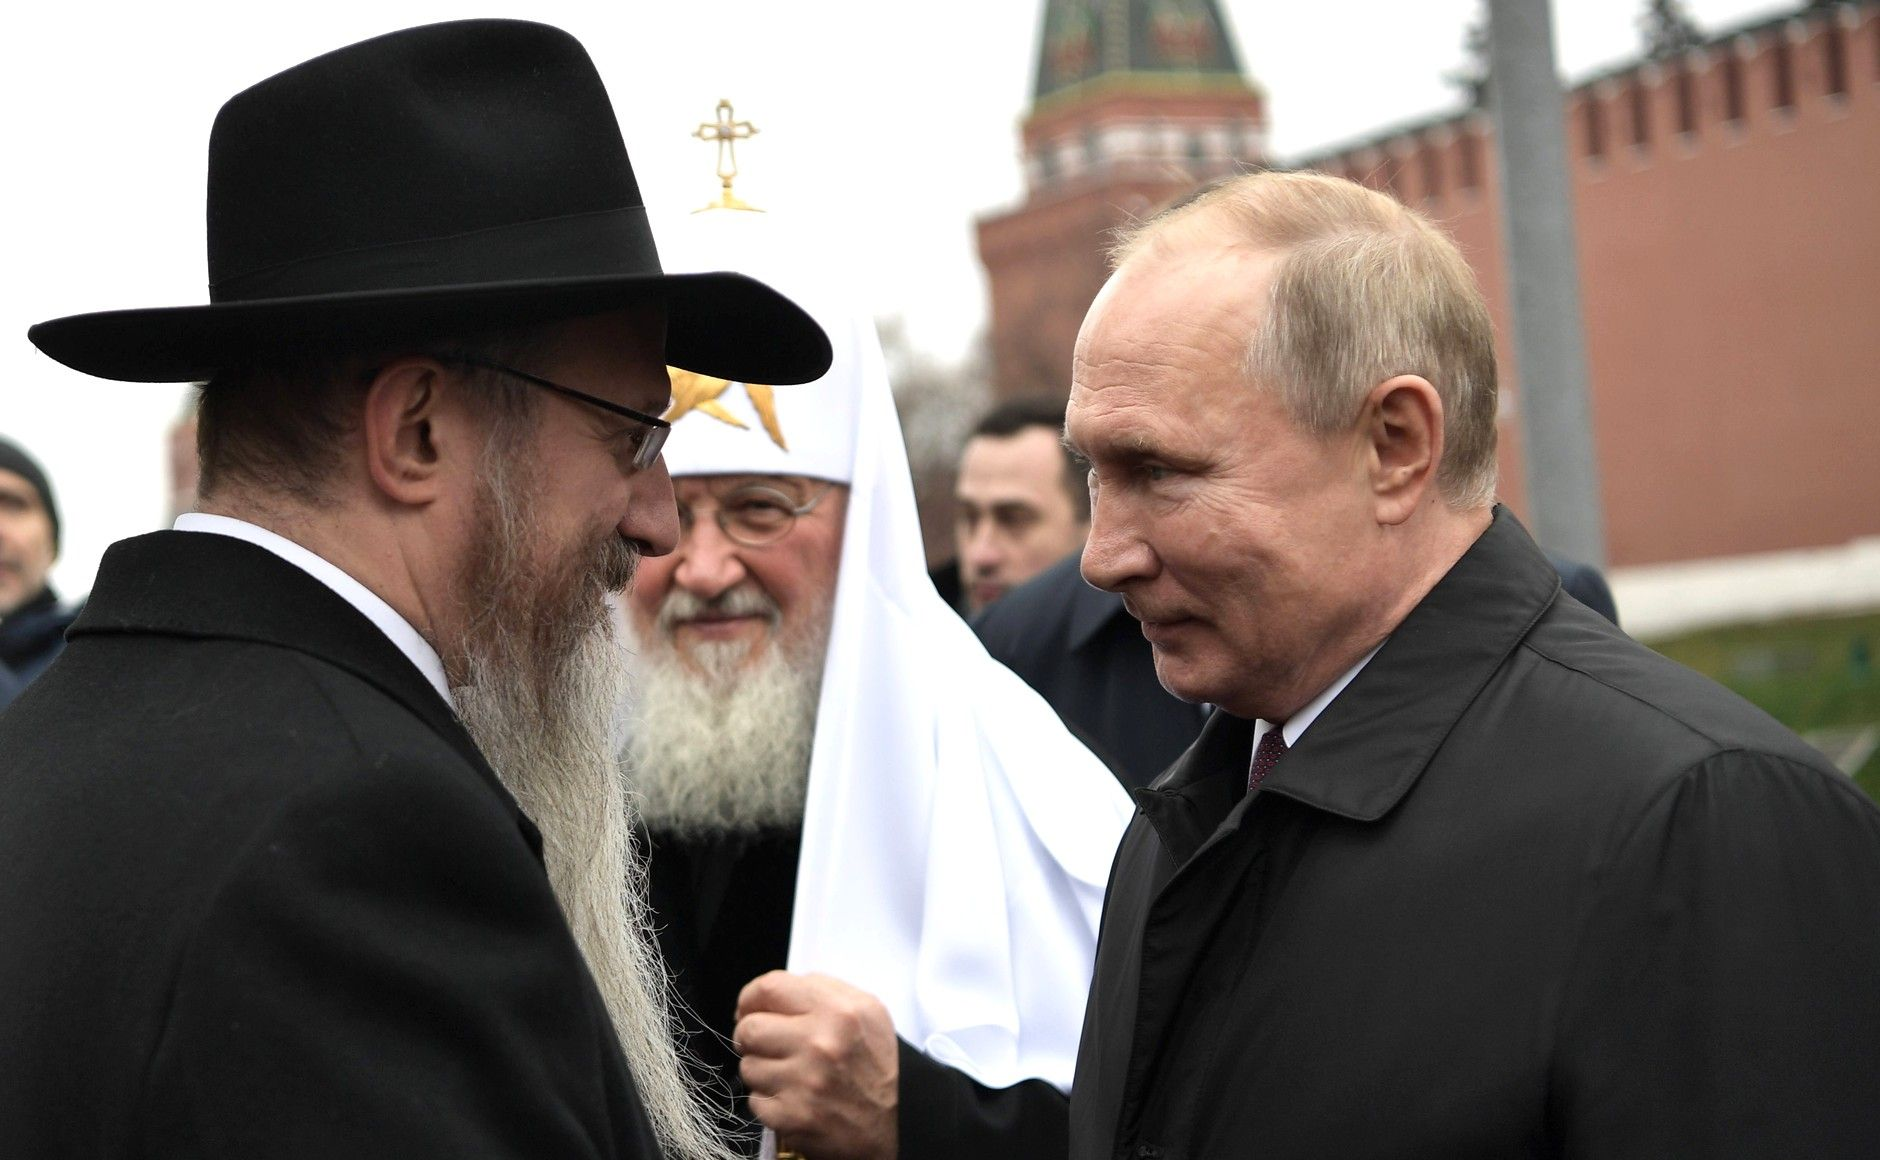 普丁正傳:新沙皇的崛起與統治!從列寧格勒的赤貧童年,到成為克里姆林宮的掌權者